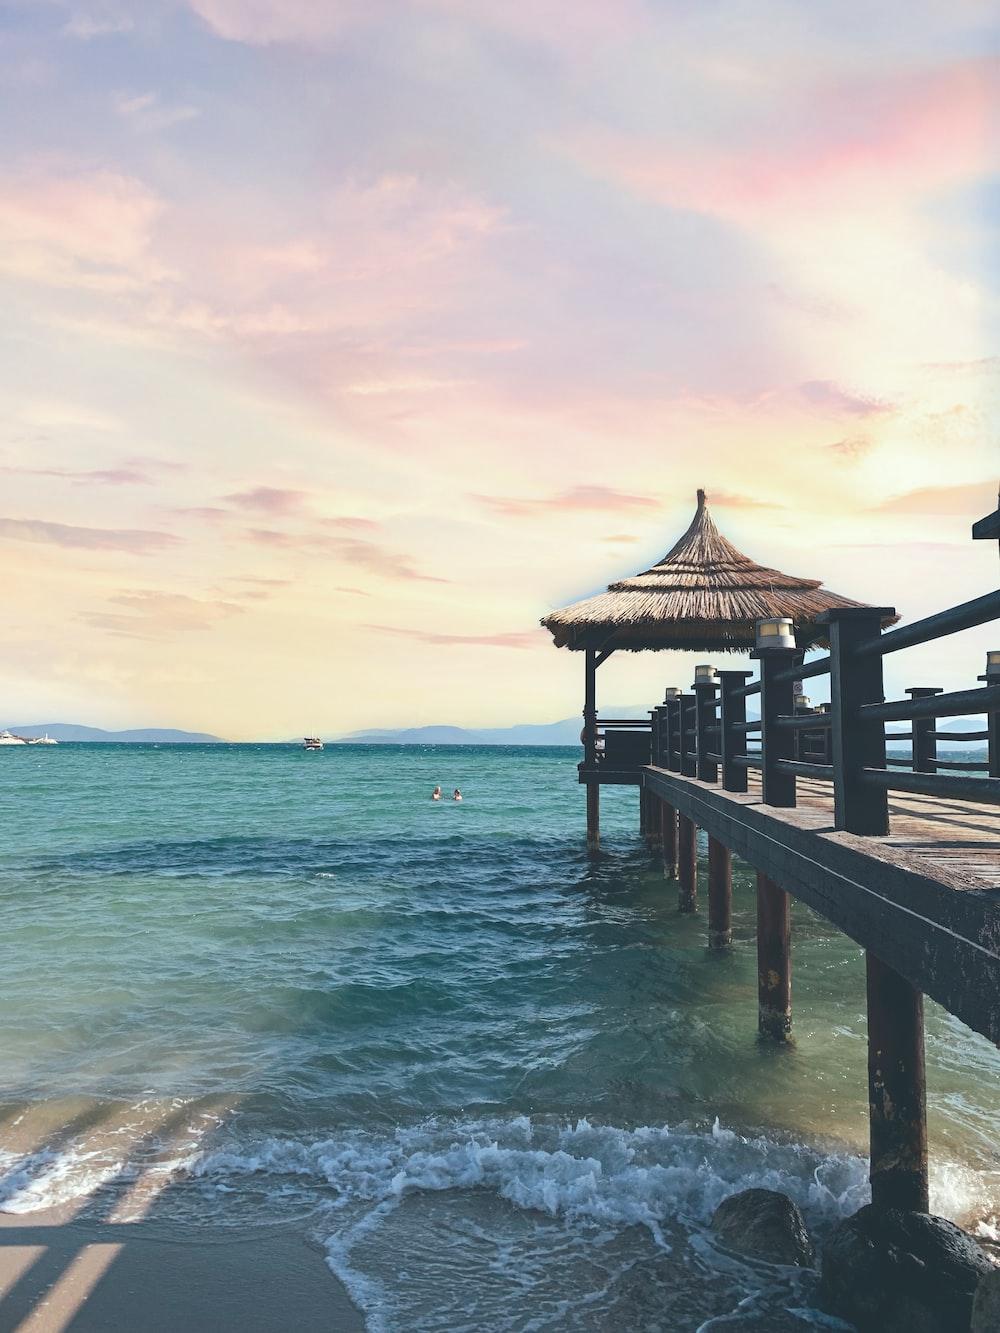 Gazebo by the sea